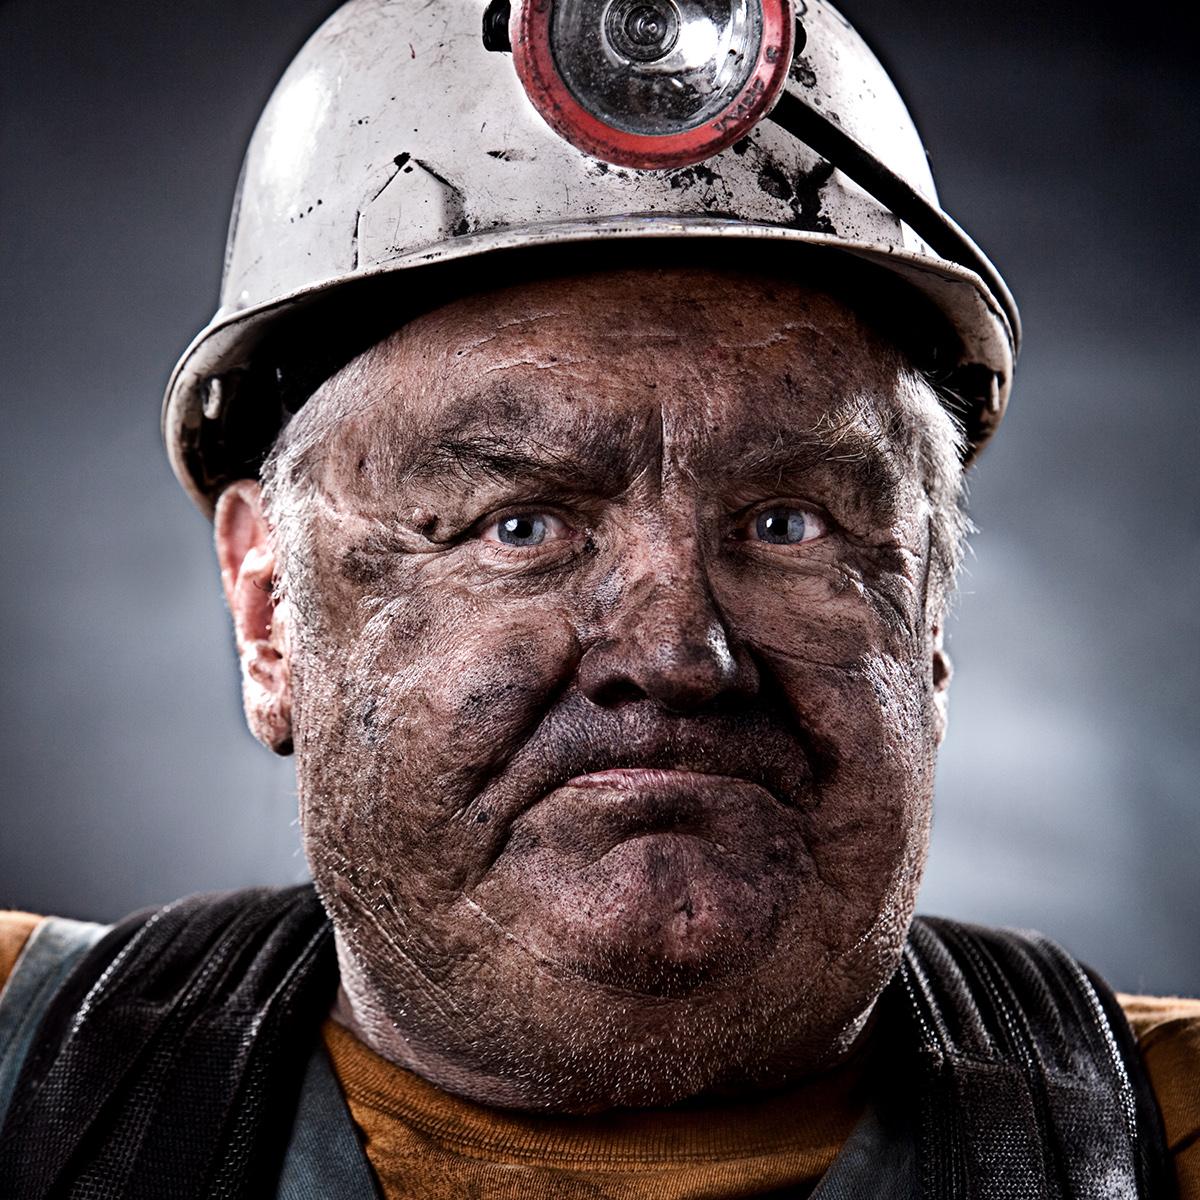 Картинки шахтеров смешные